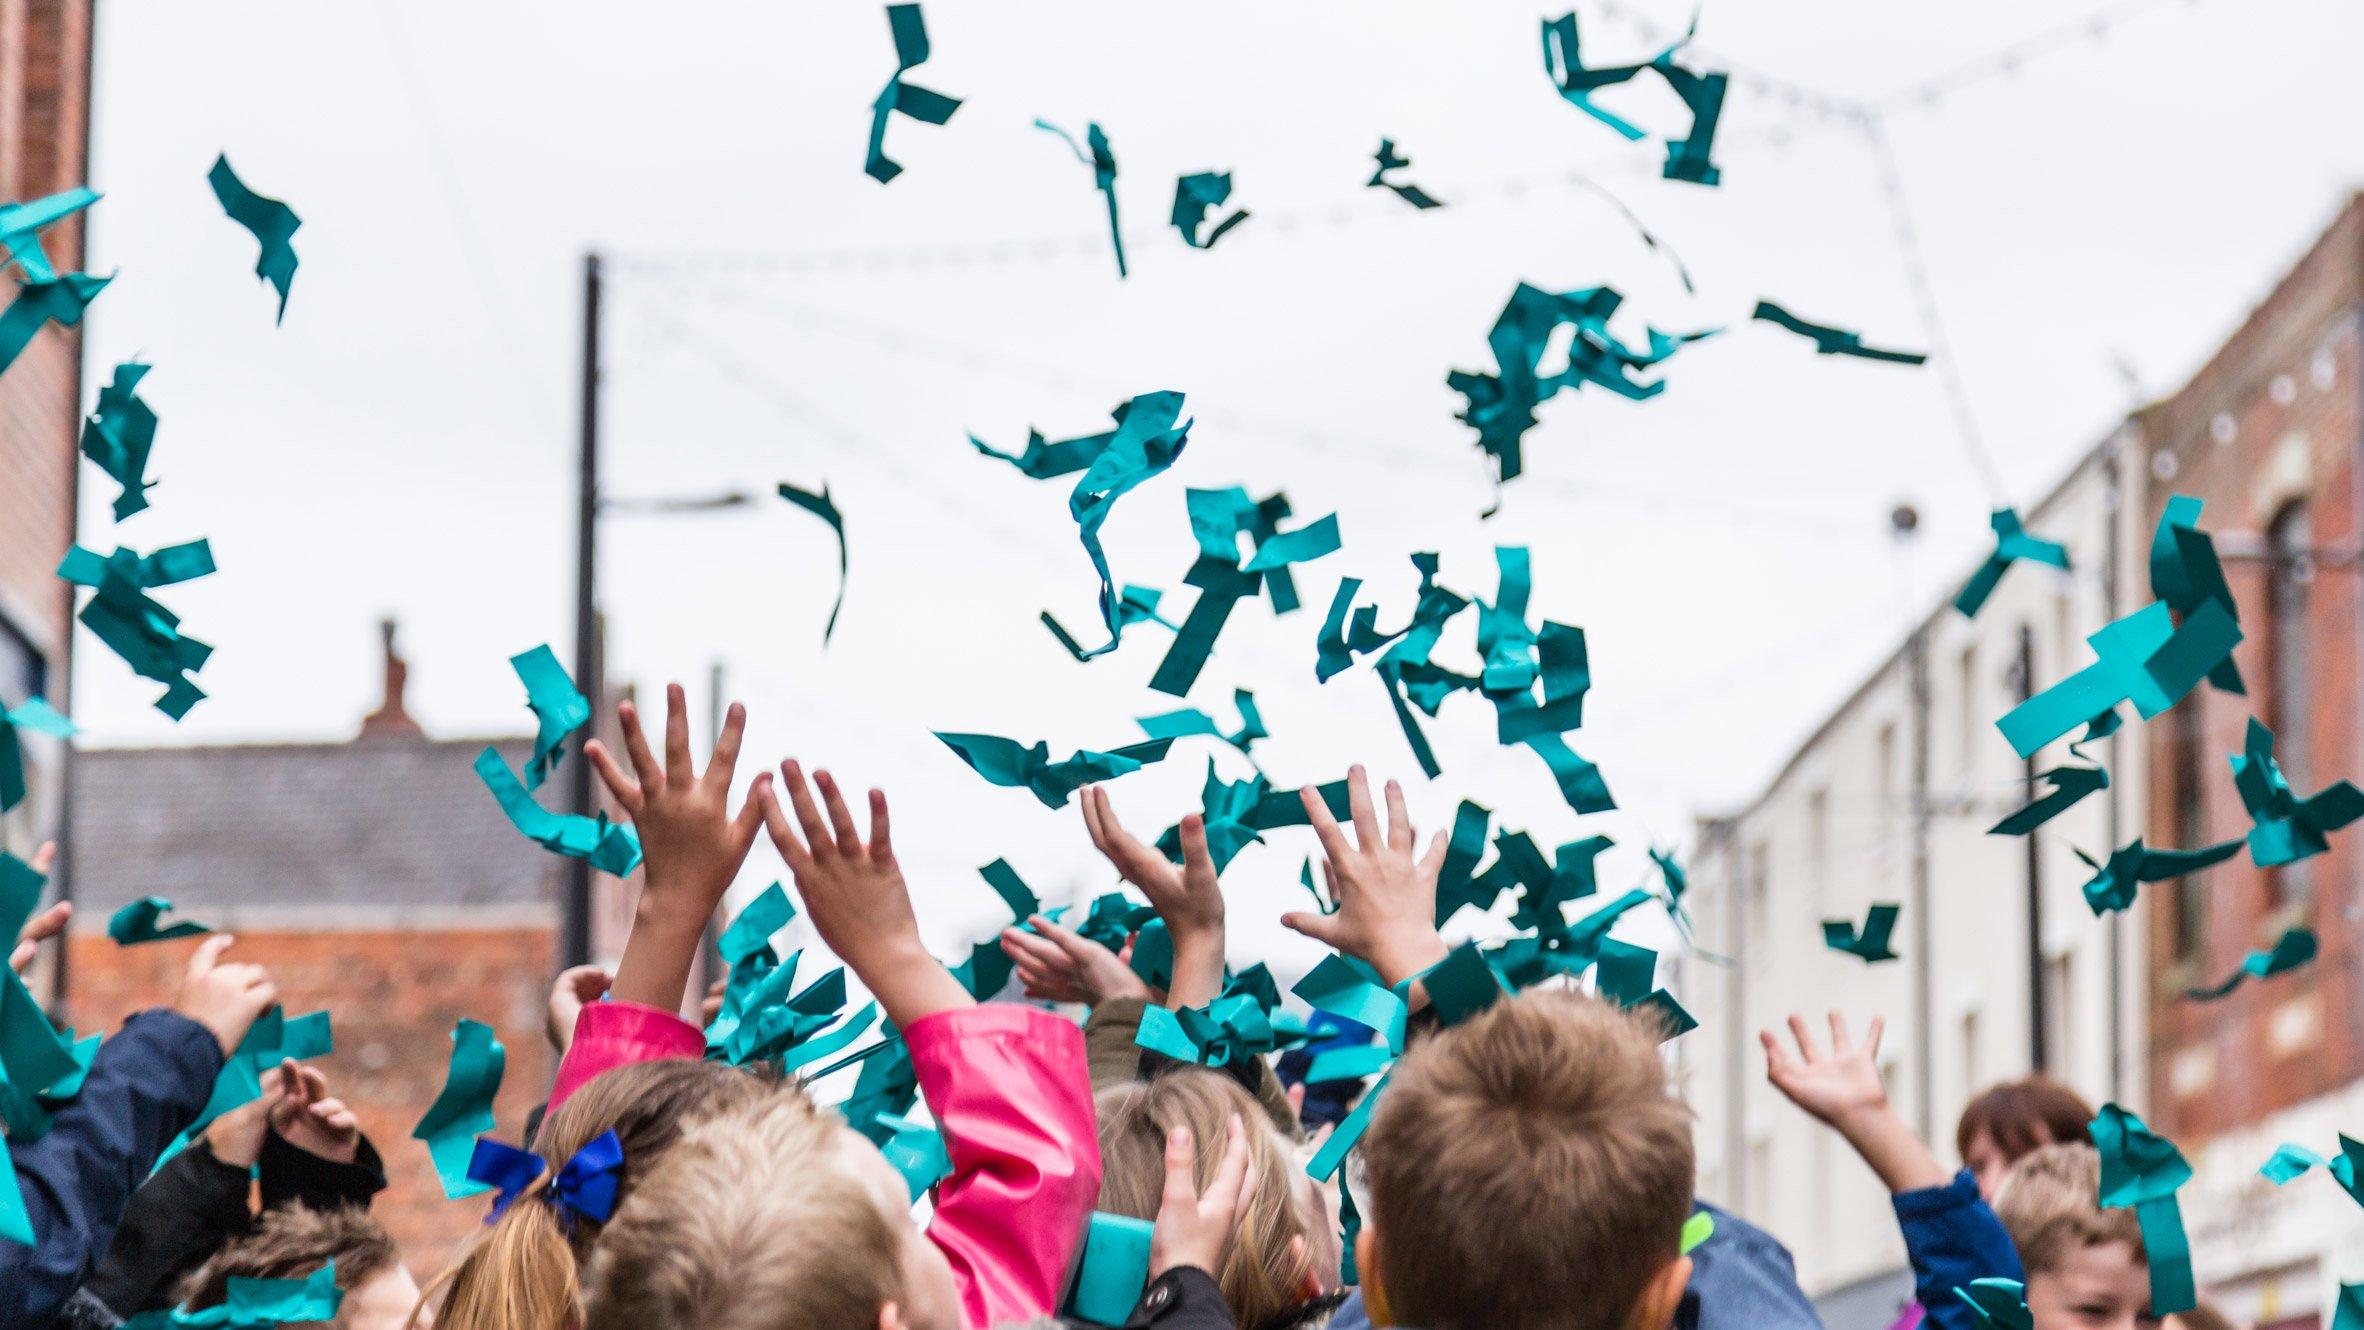 Paper company, G.F Smith, celebrates the world's favourite colour